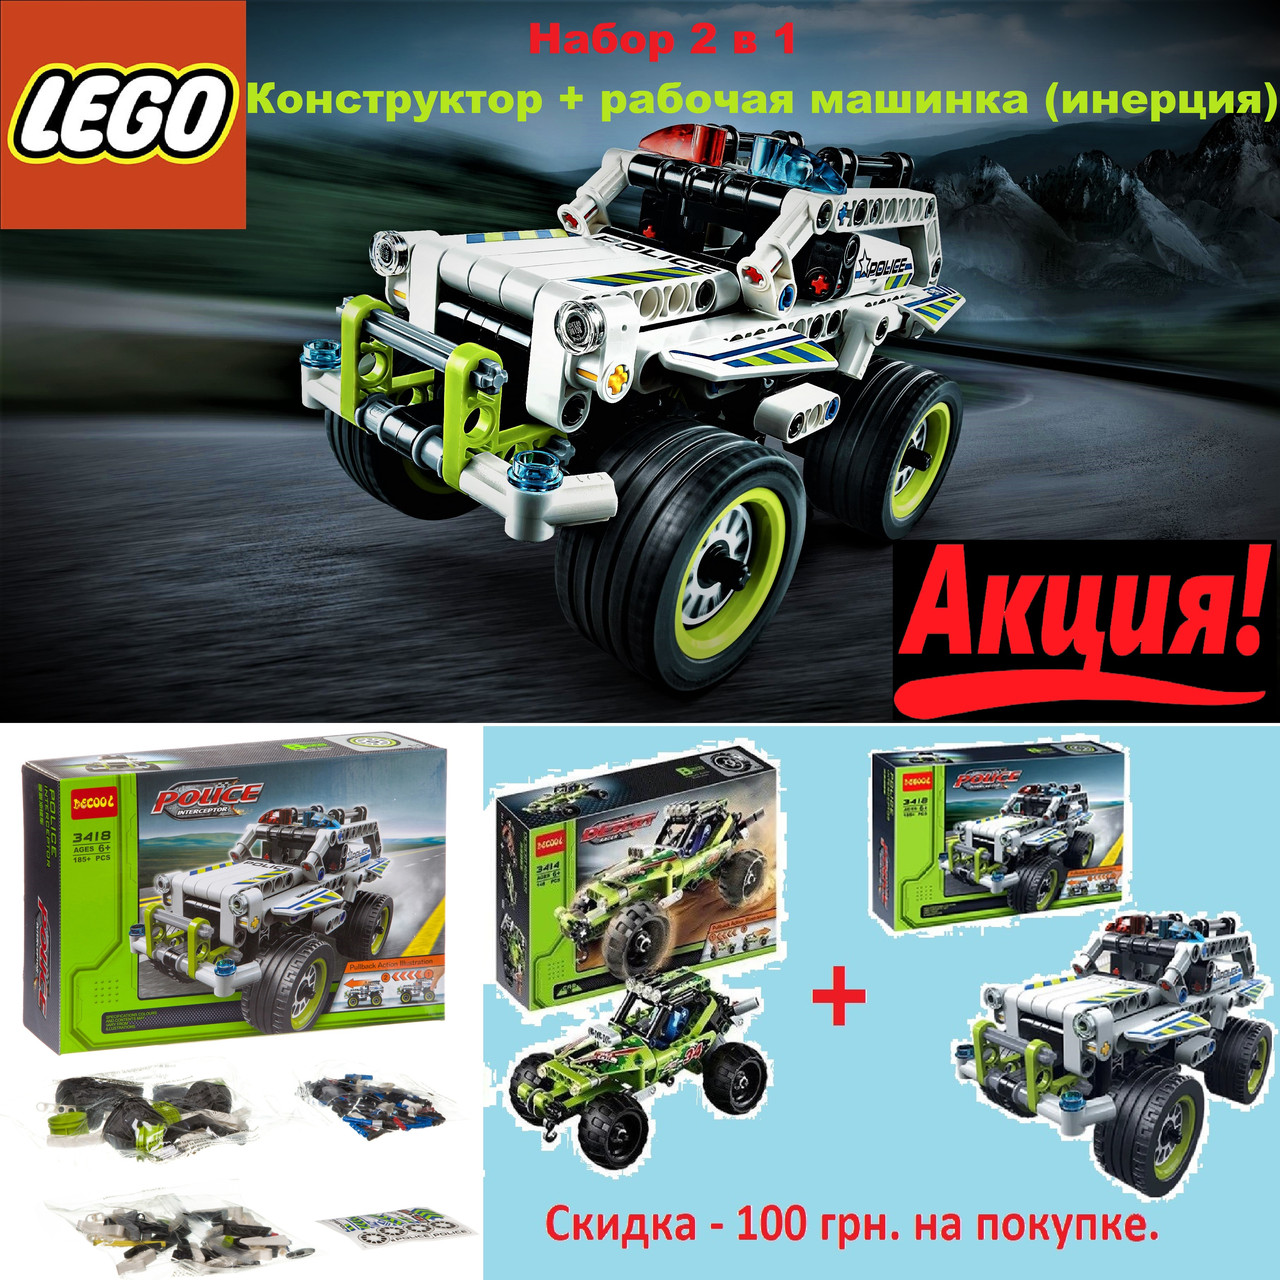 Конструктор Lego Technic «Полицейский патруль». 2 в 1, блочный конструктор и машинка с инерционным механизмом.